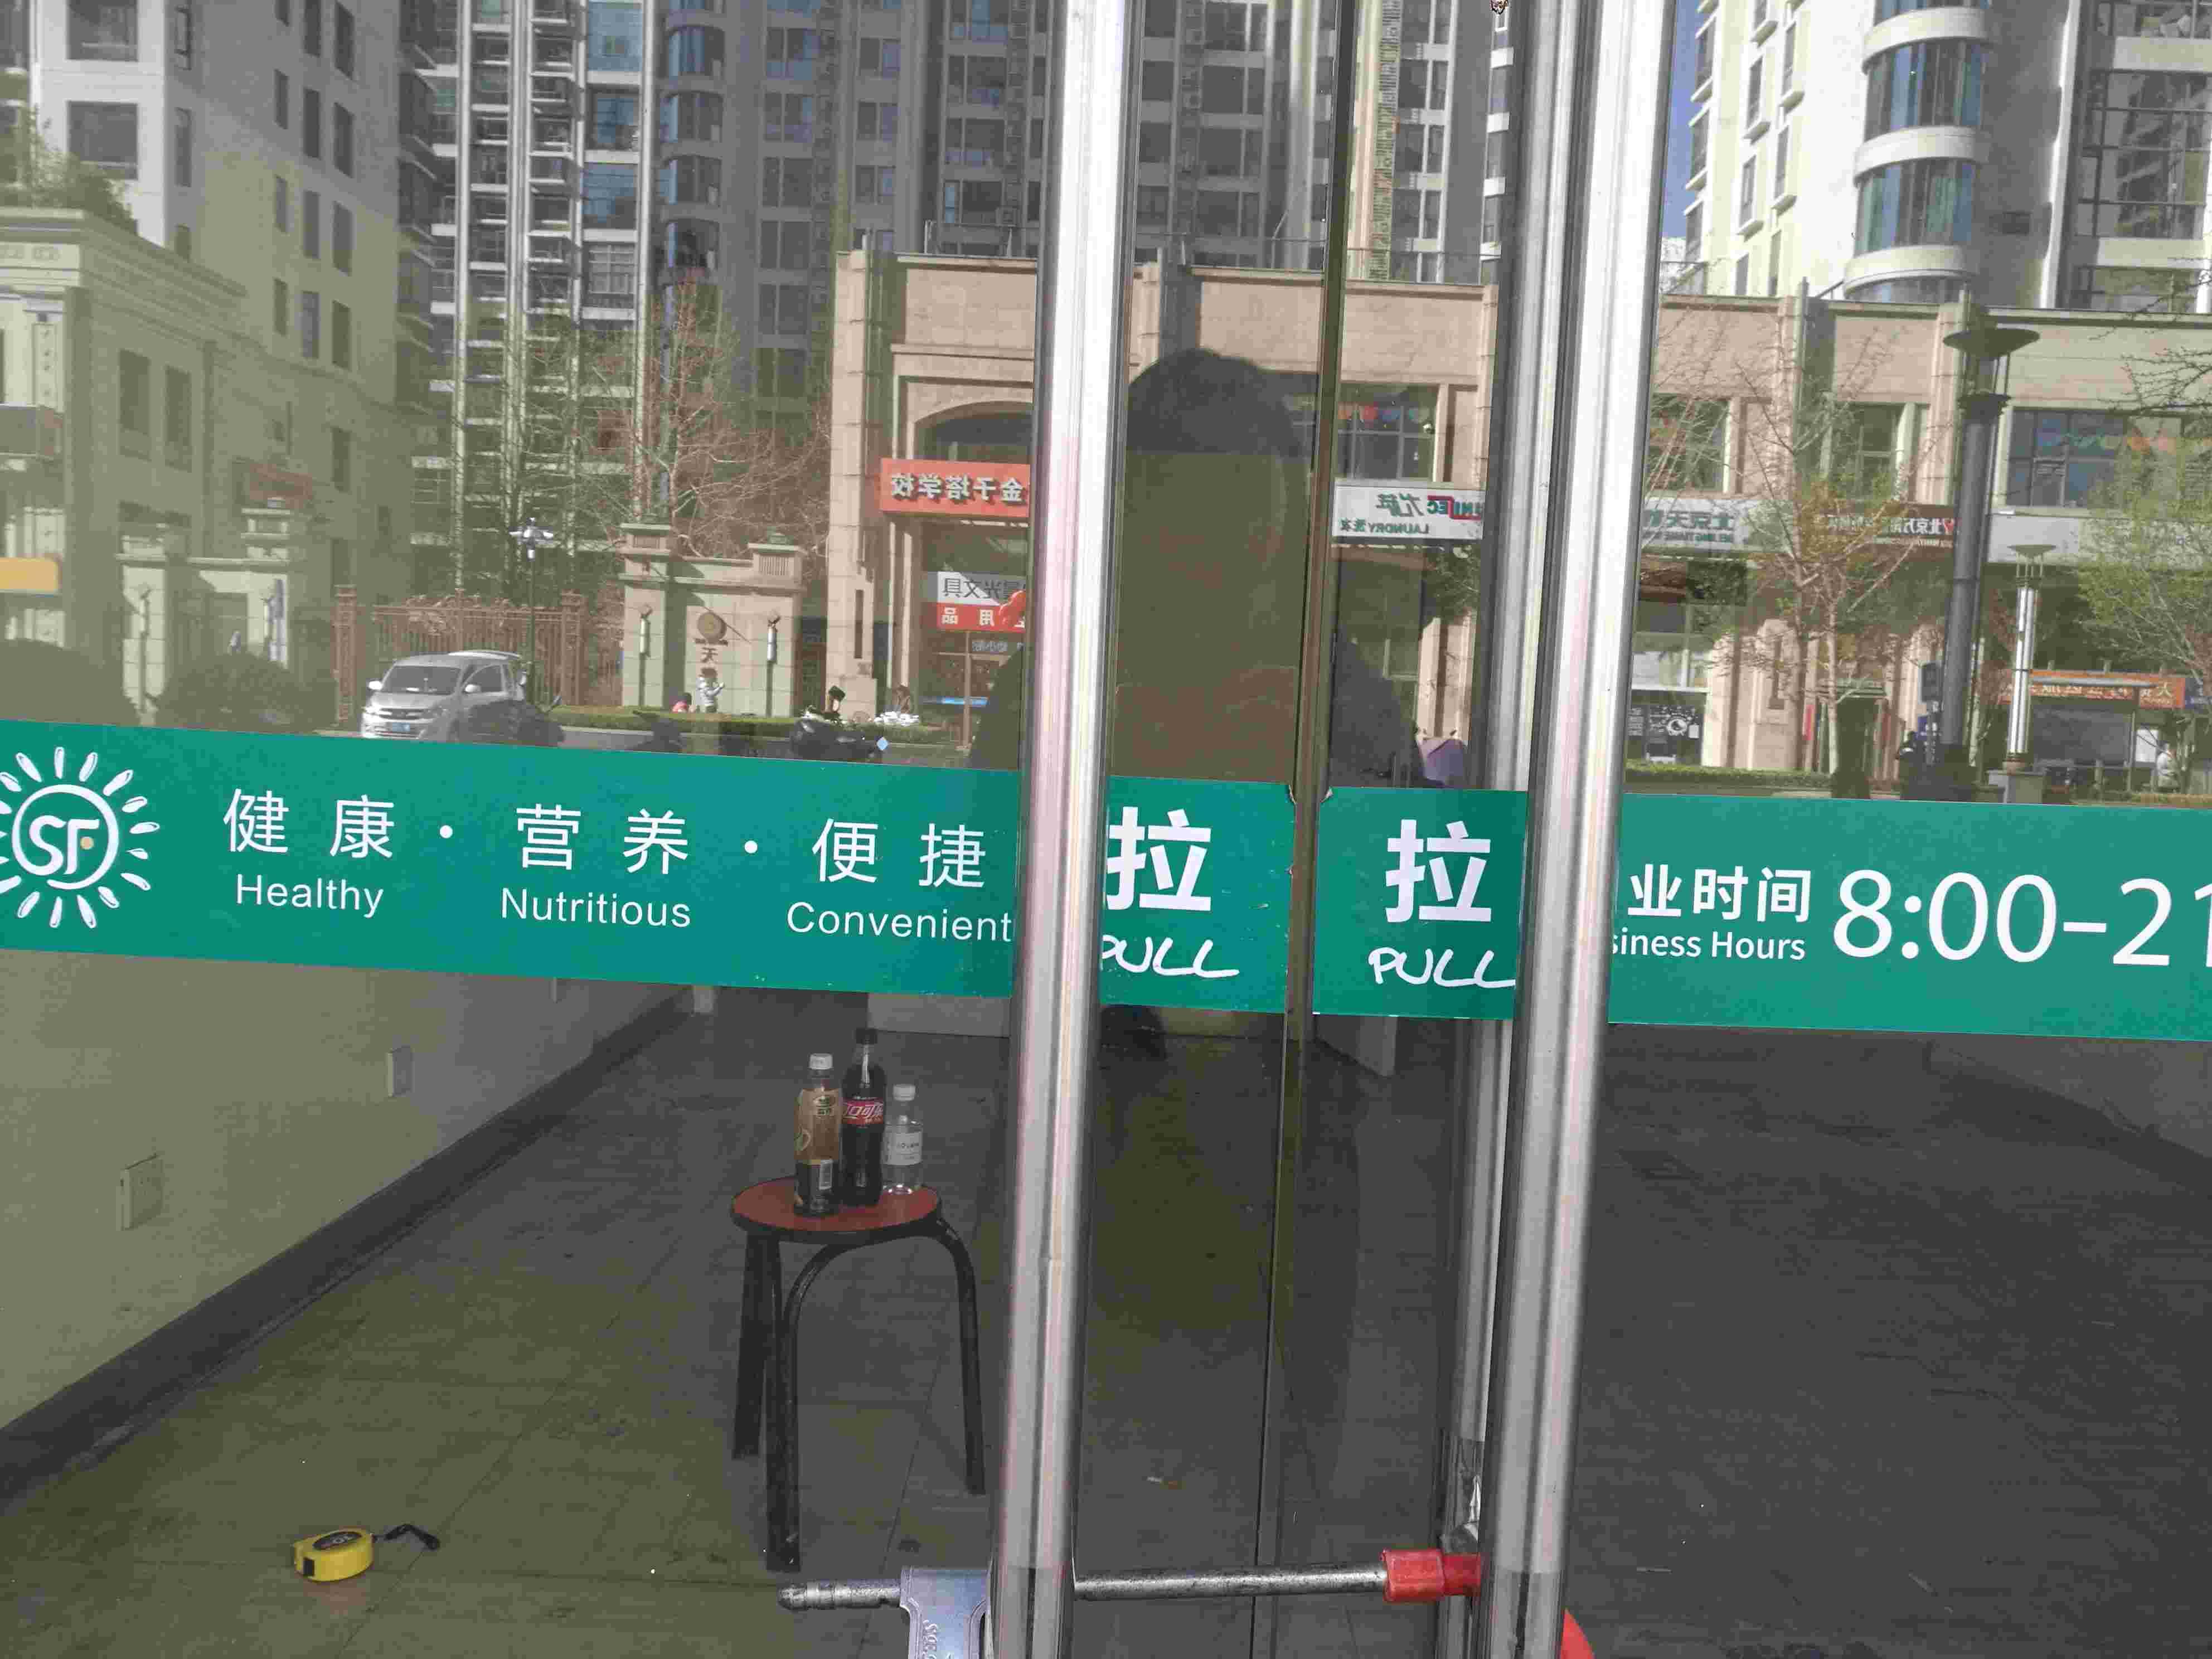 顺丰优选多地部分门店清仓停业,试水新模式瞄准华南市场